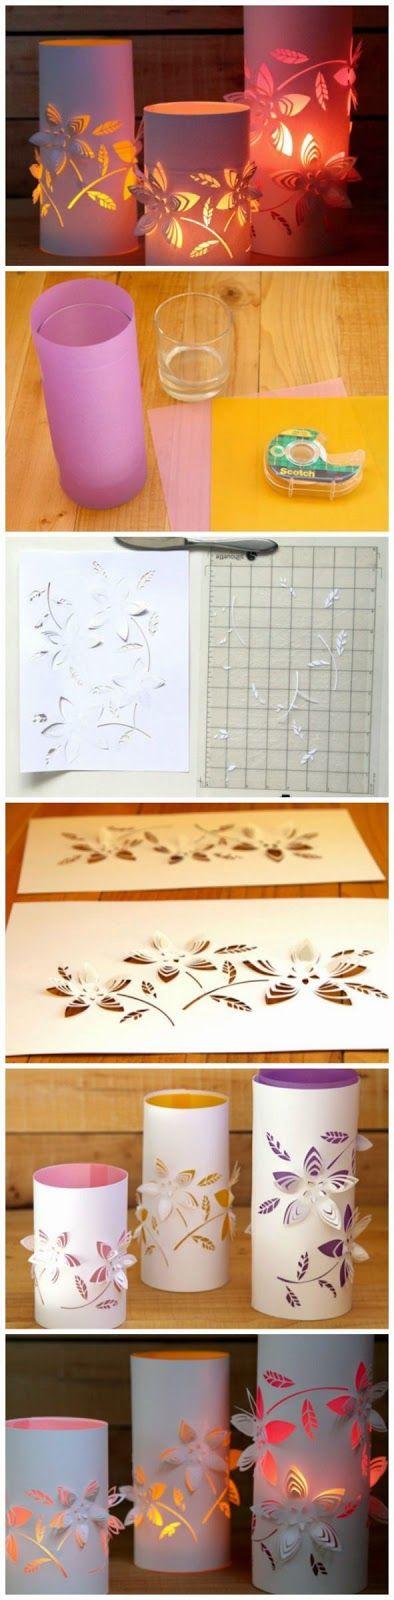 DIY Project: 3D Paper Lanterns